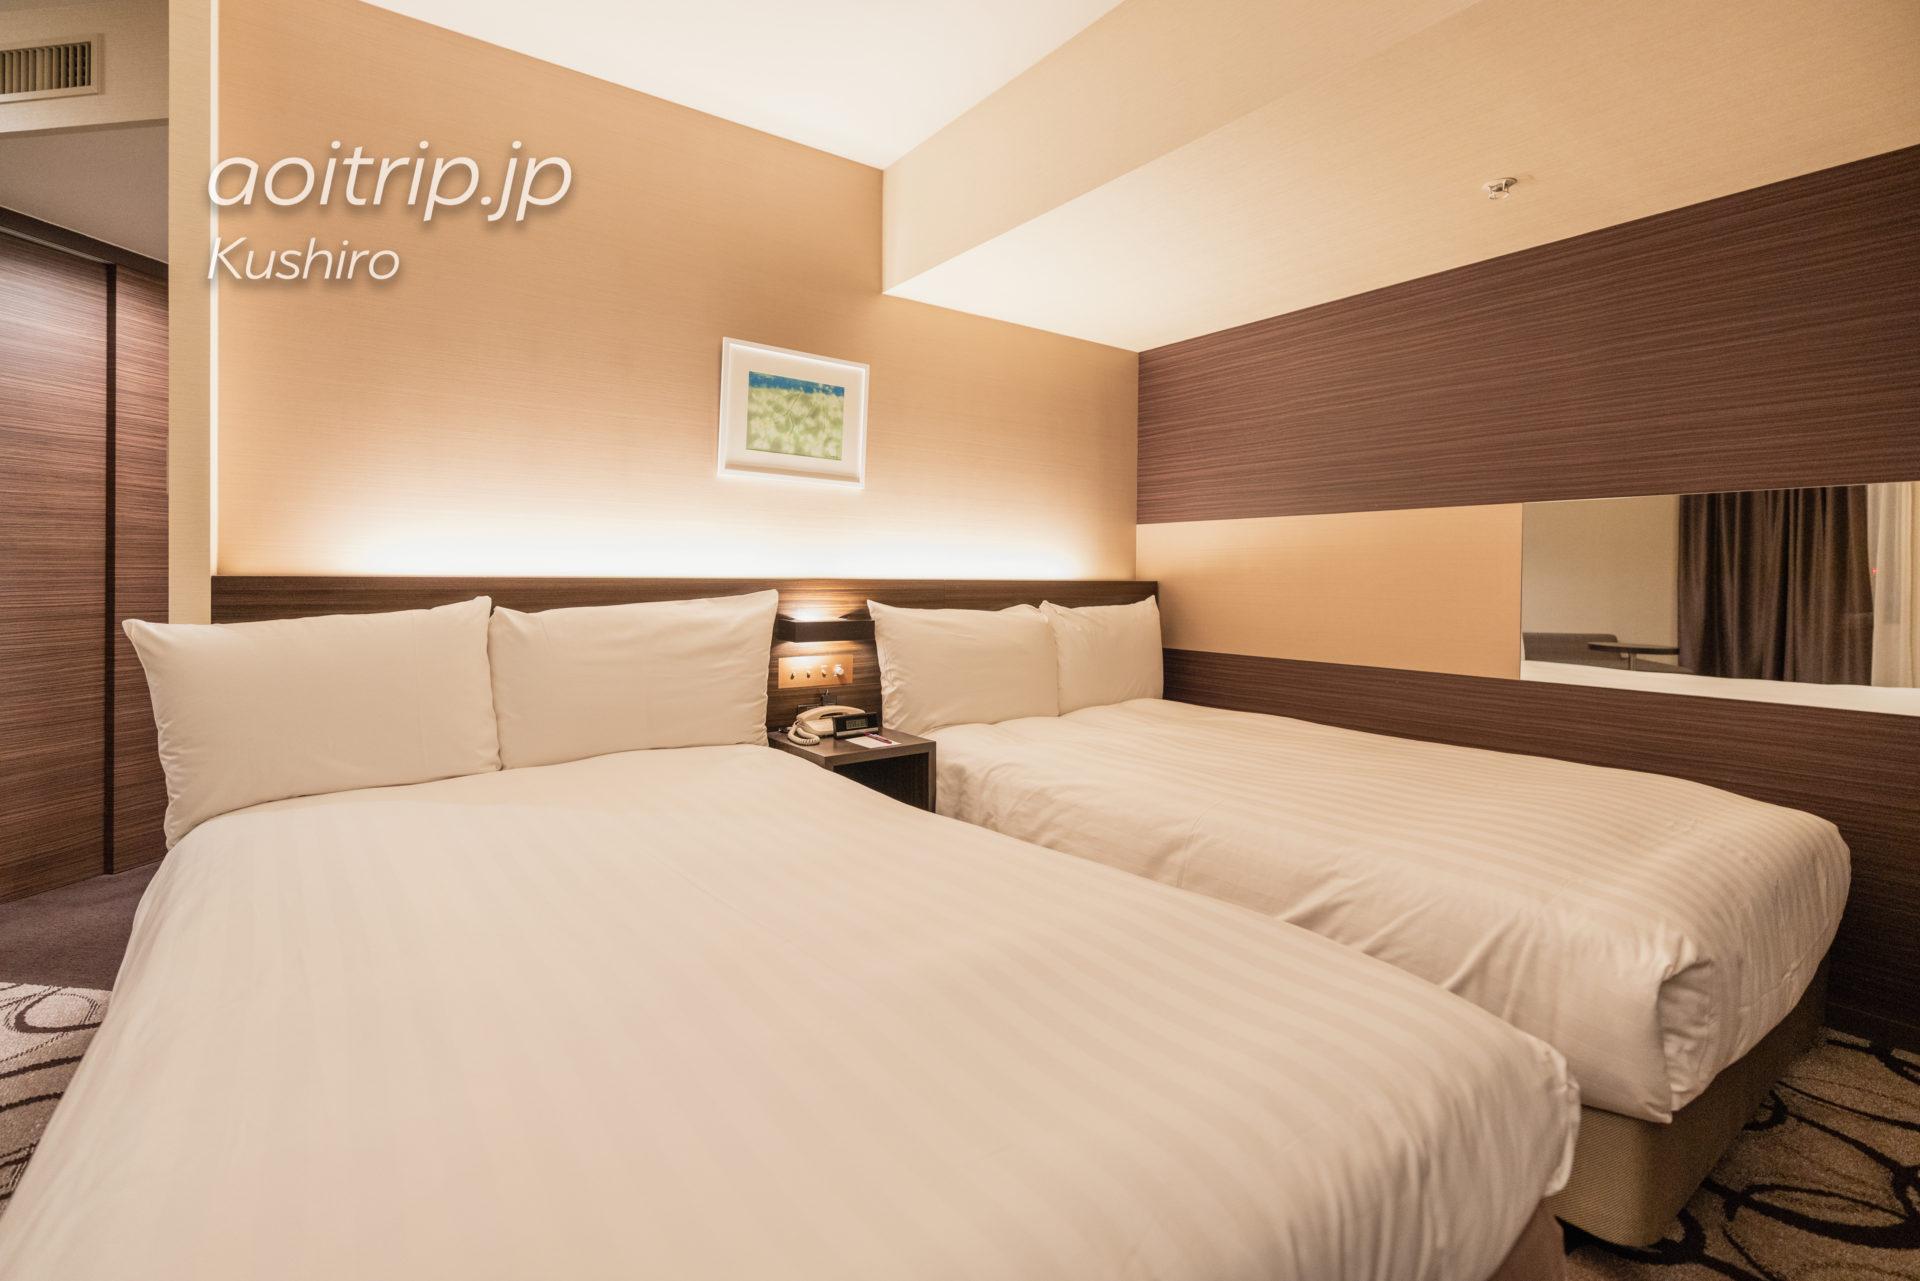 ANAクラウンプラザホテル釧路 ANA Crowne Plaza Hotel Kushiro コーナーツインルームの客室